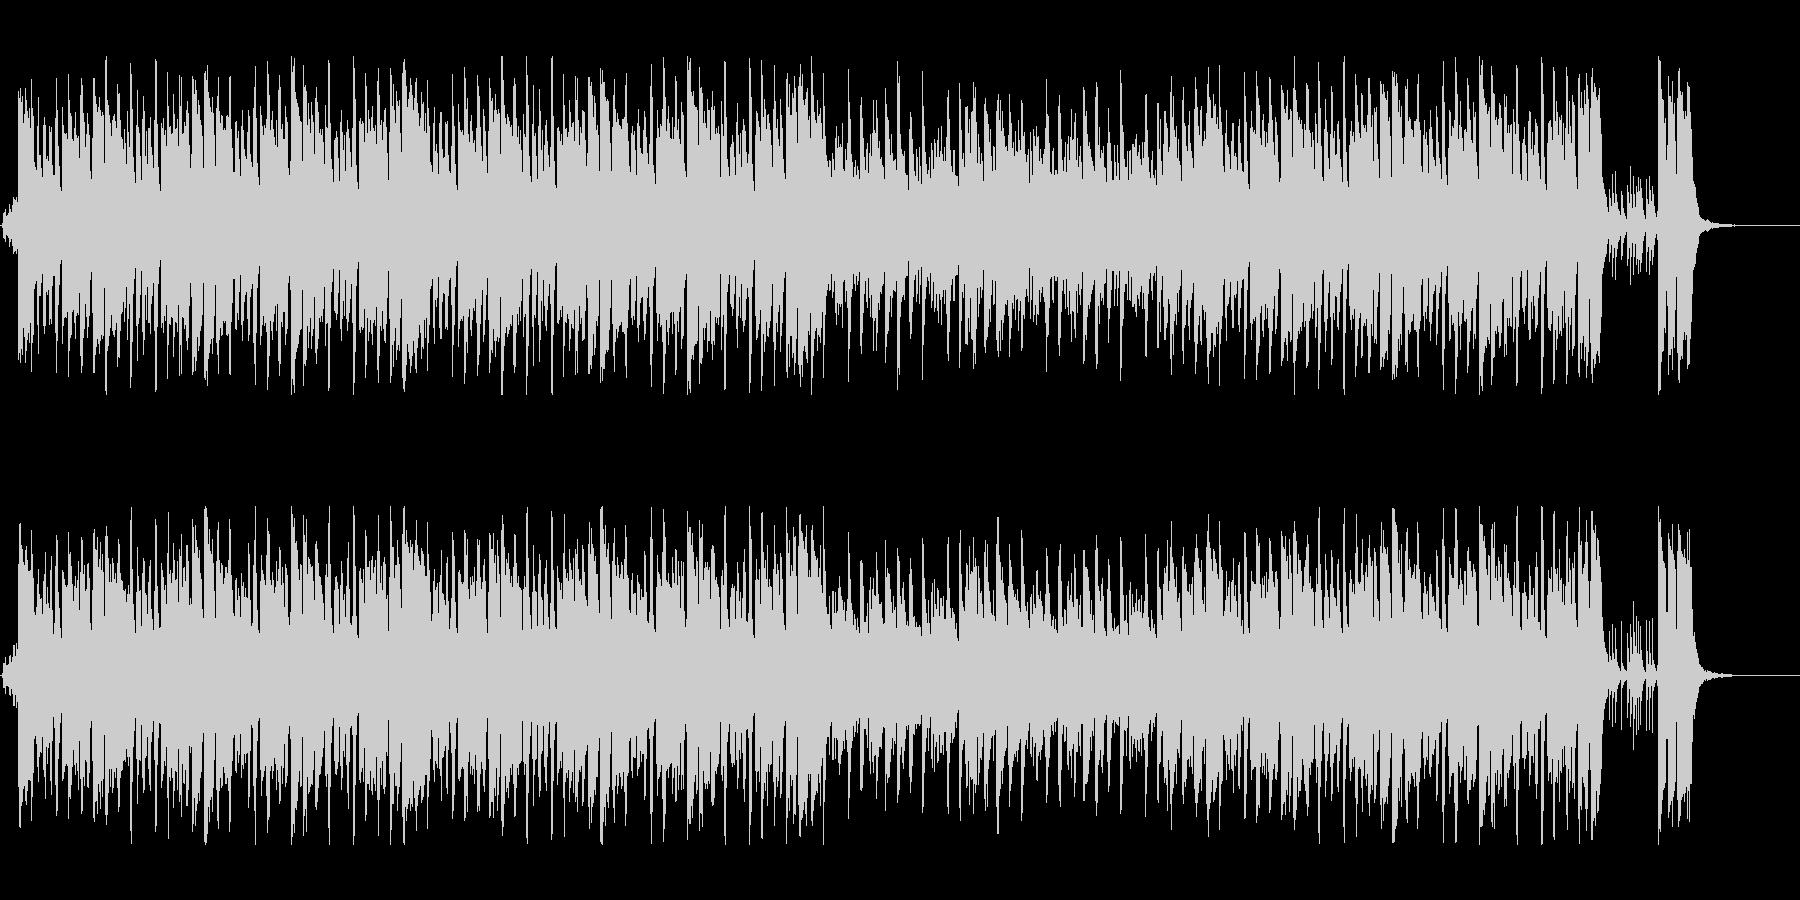 ハッピー感が溢れ出すキュートポップの未再生の波形